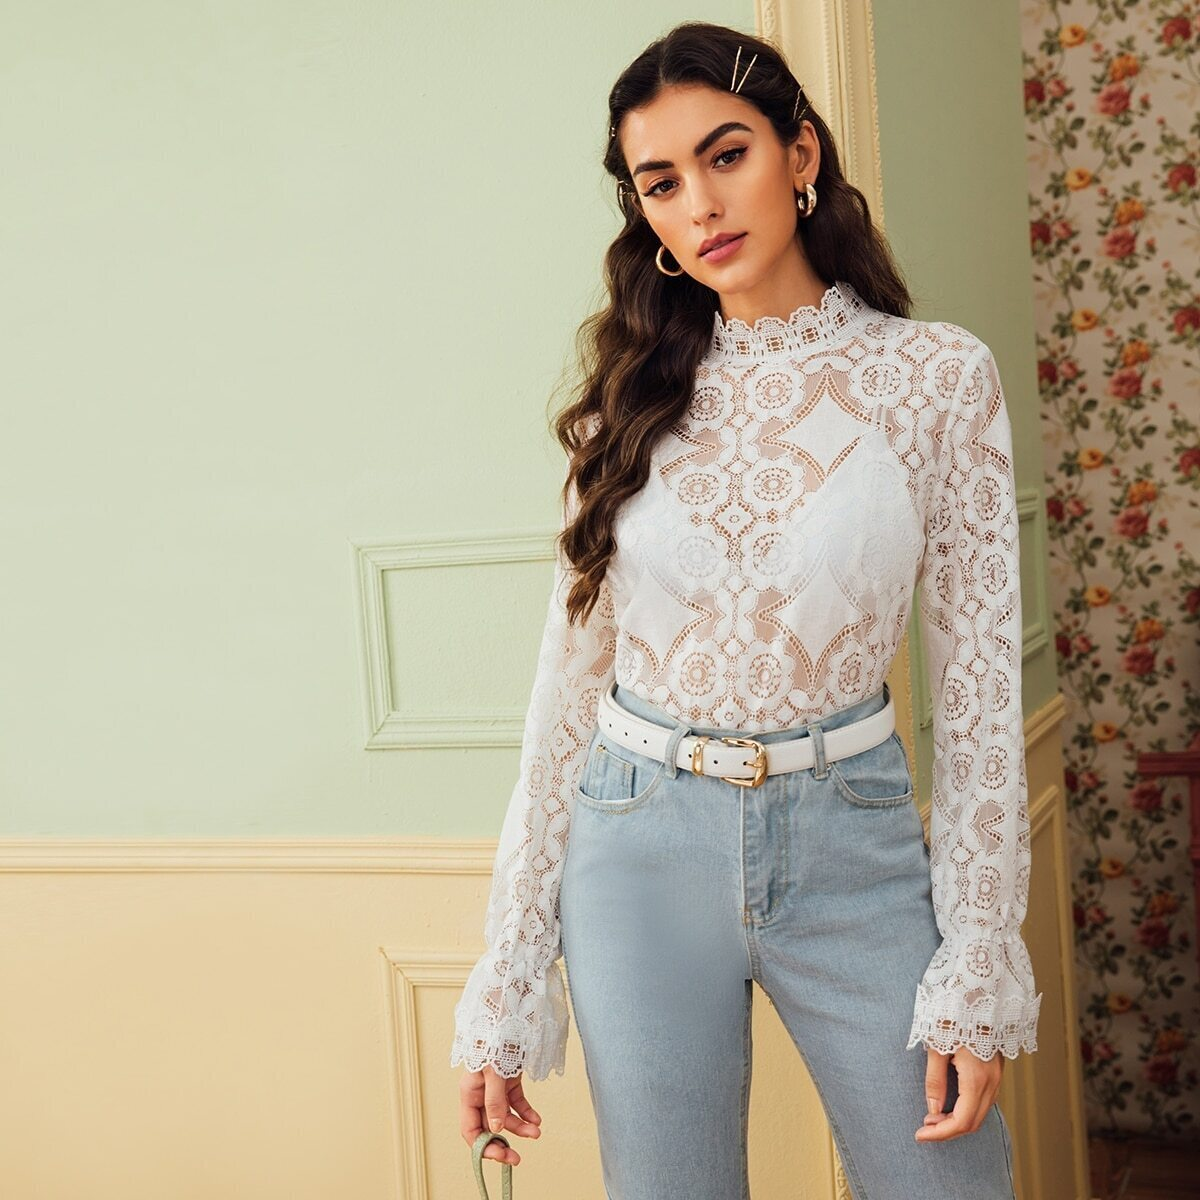 SHEIN / Bluse mit Schößchen auf den Ärmeln und Spitzen